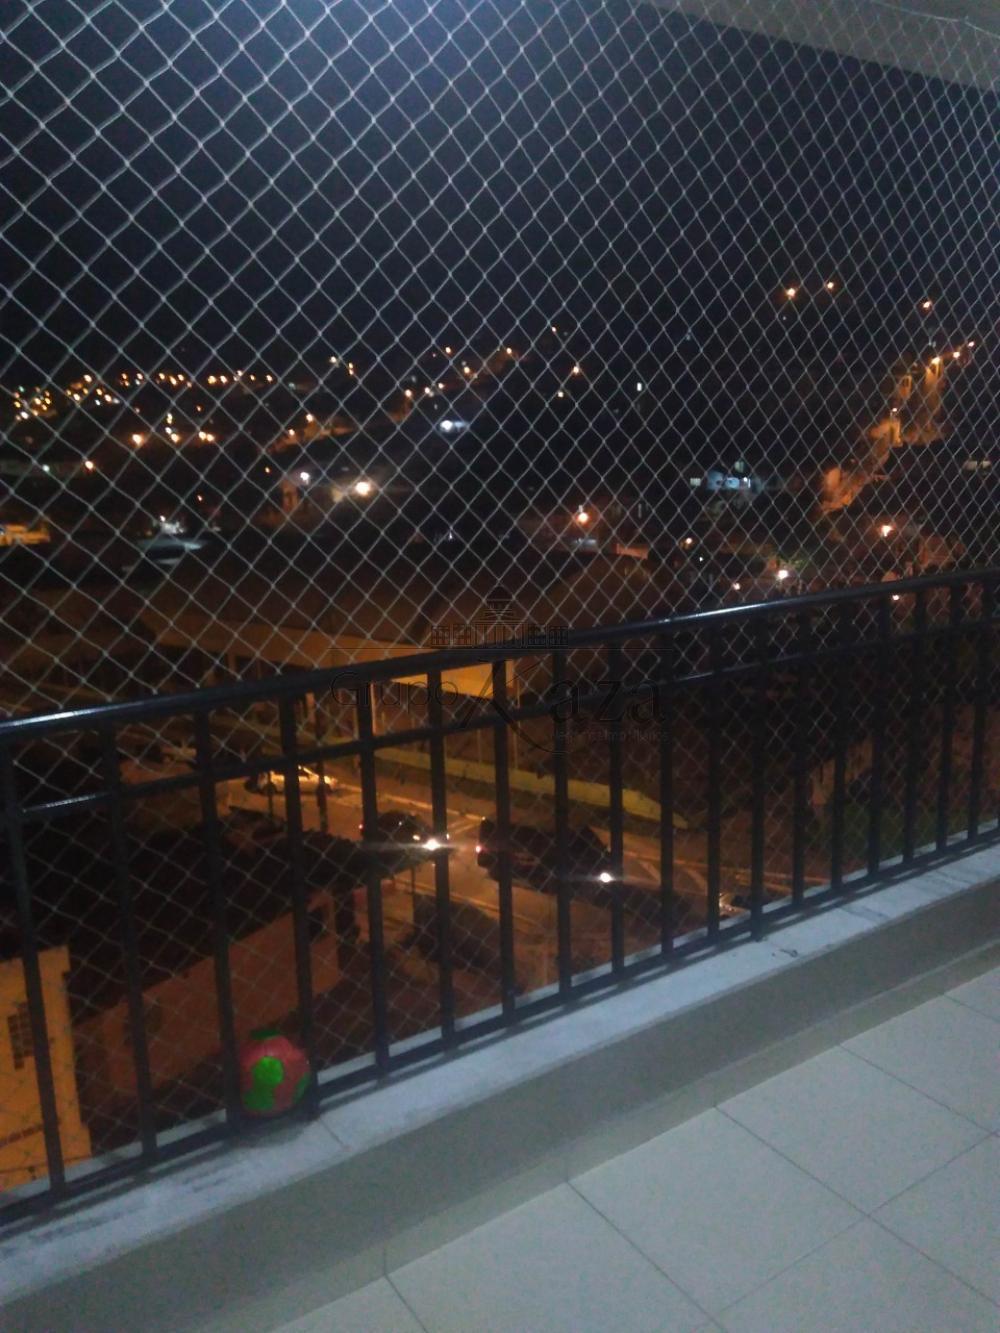 Comprar Apartamento / Padrão em Jacareí apenas R$ 350.000,00 - Foto 9